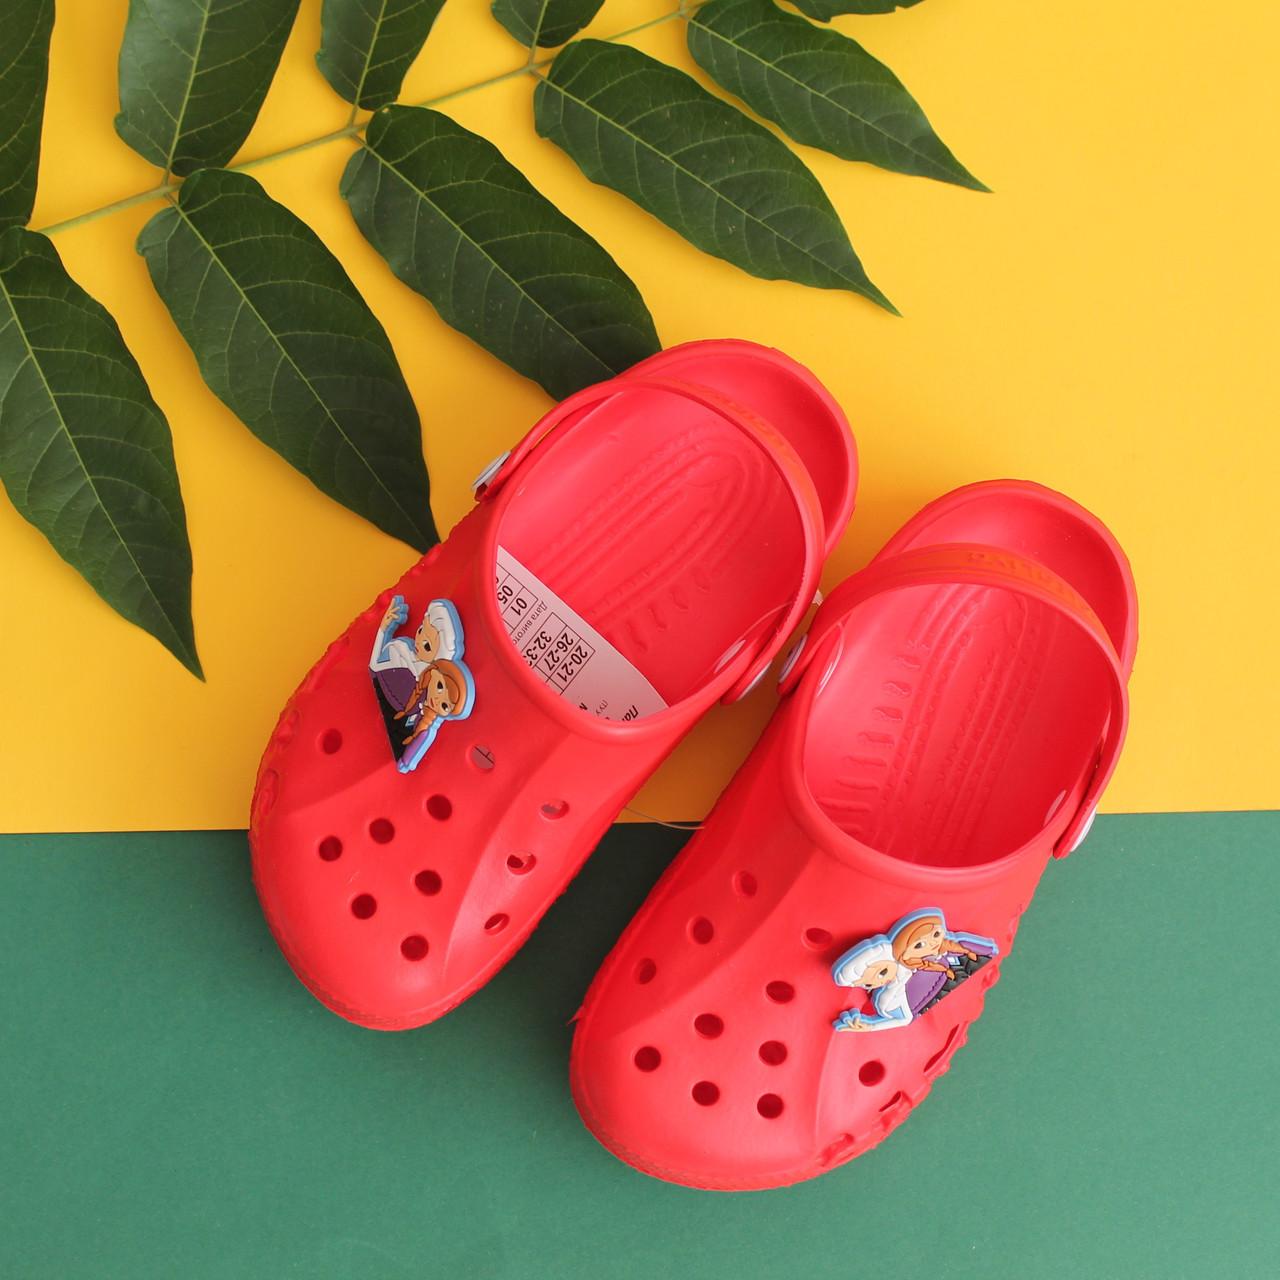 0d92ca6b0 Детские кроксы оптом пляжная обувь недорого производитель Украина р. 20-35